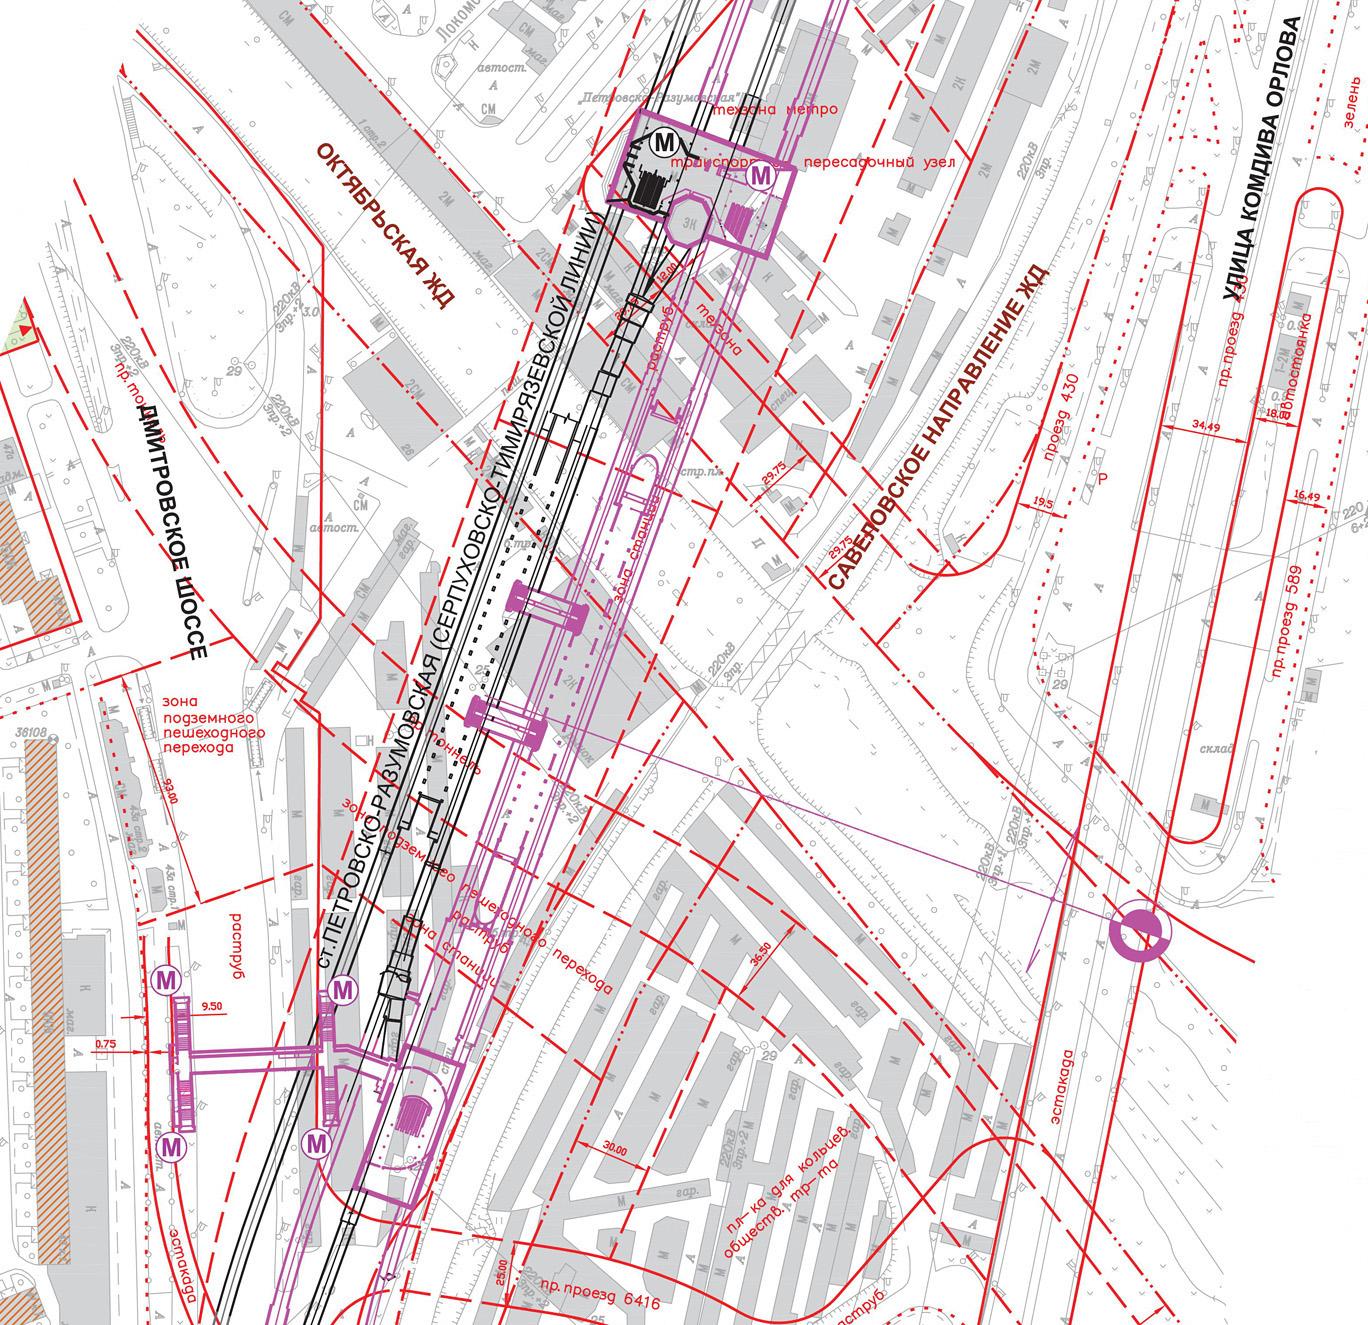 В прямом эфире: схема метро. Краснопрснская, vede-enkha.